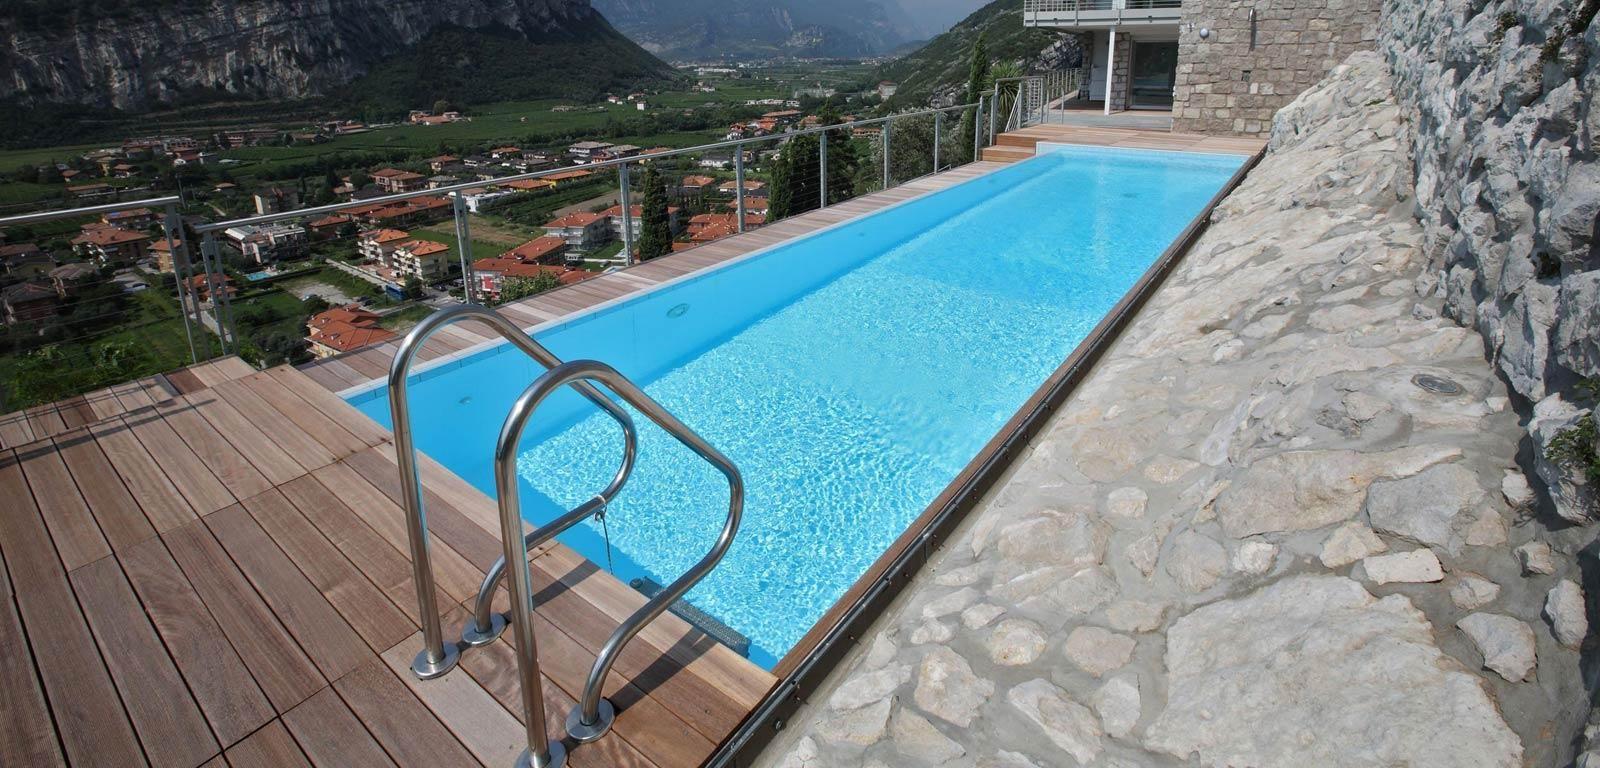 Piscine Castiglione | Outdoor - Pools | Pinterest | Terrazzo